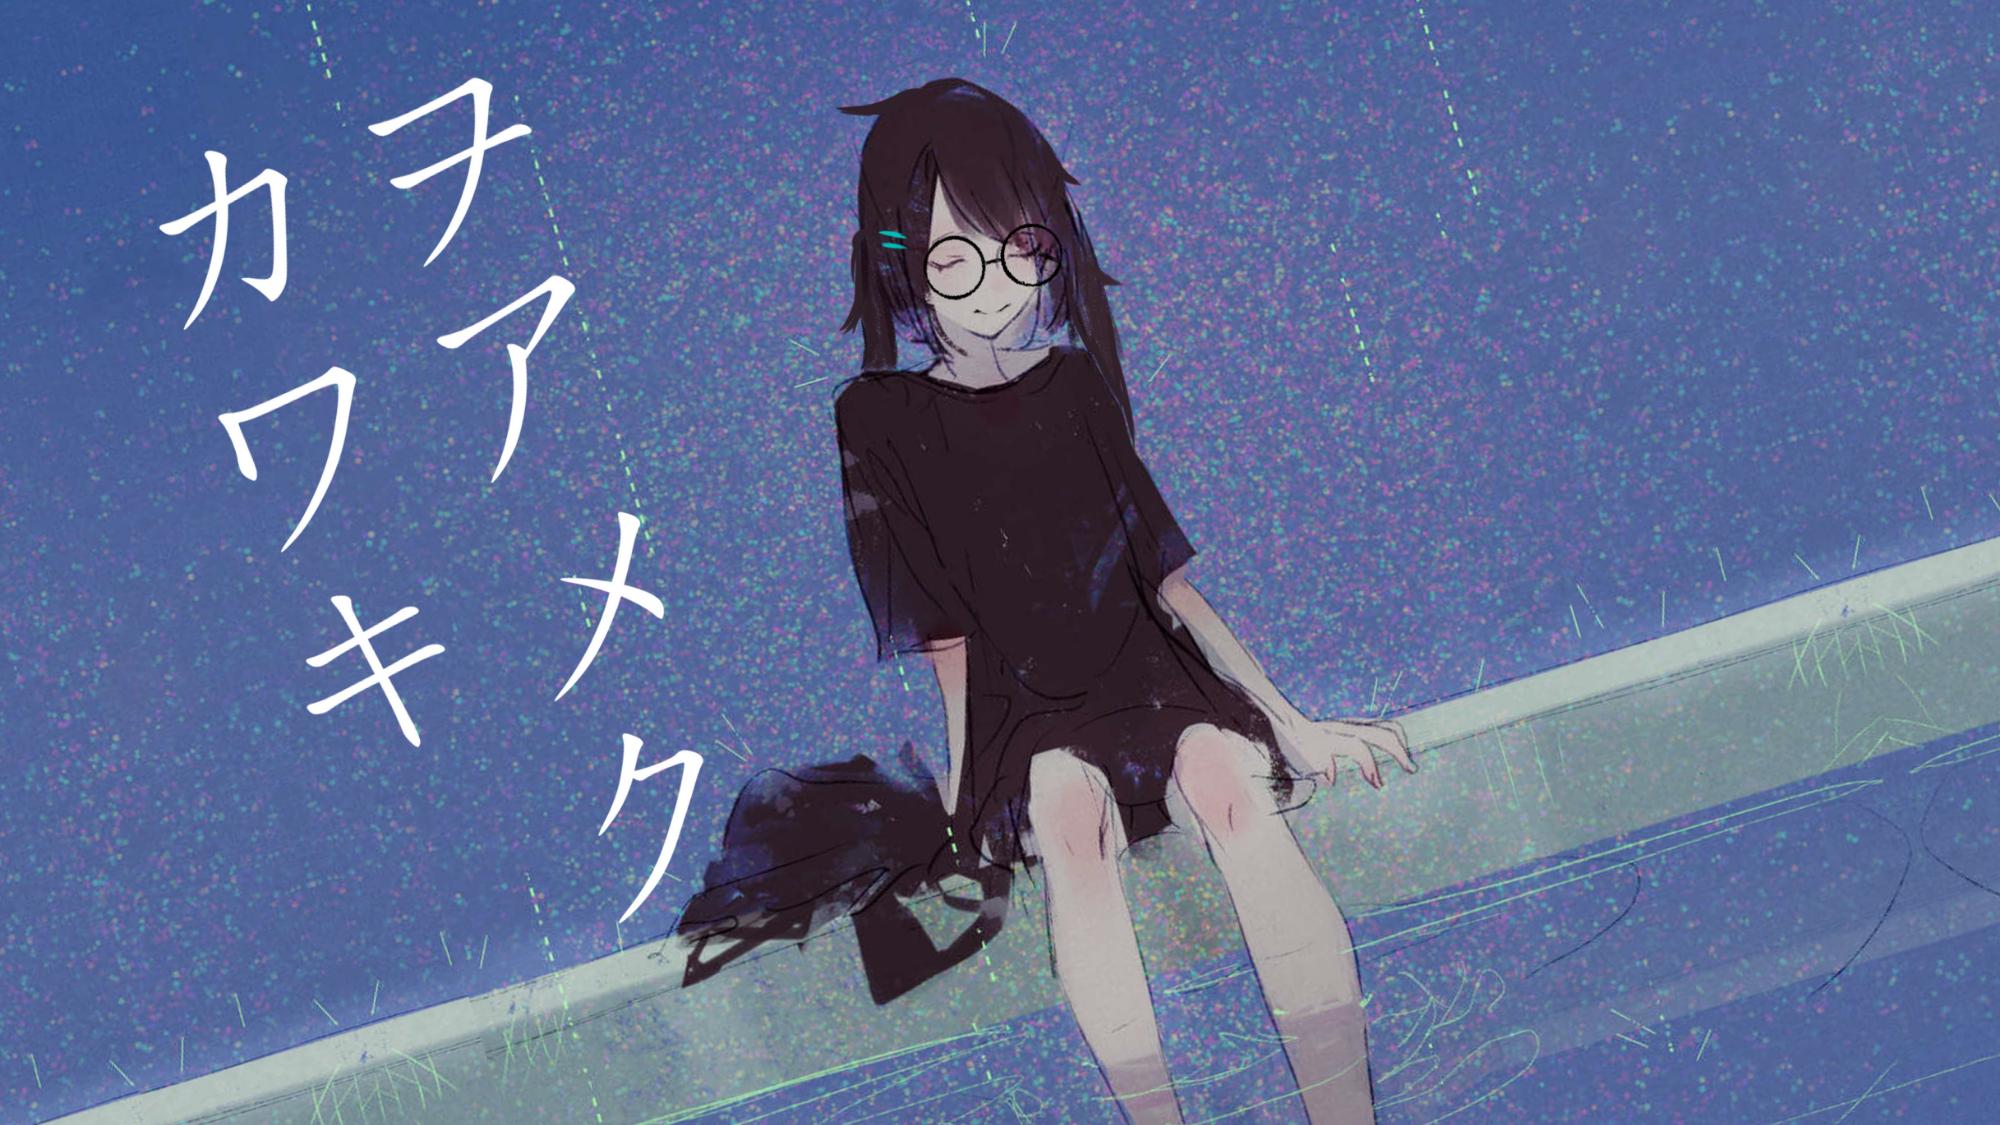 【翻唱】声嘶力竭 - カワキヲアメク